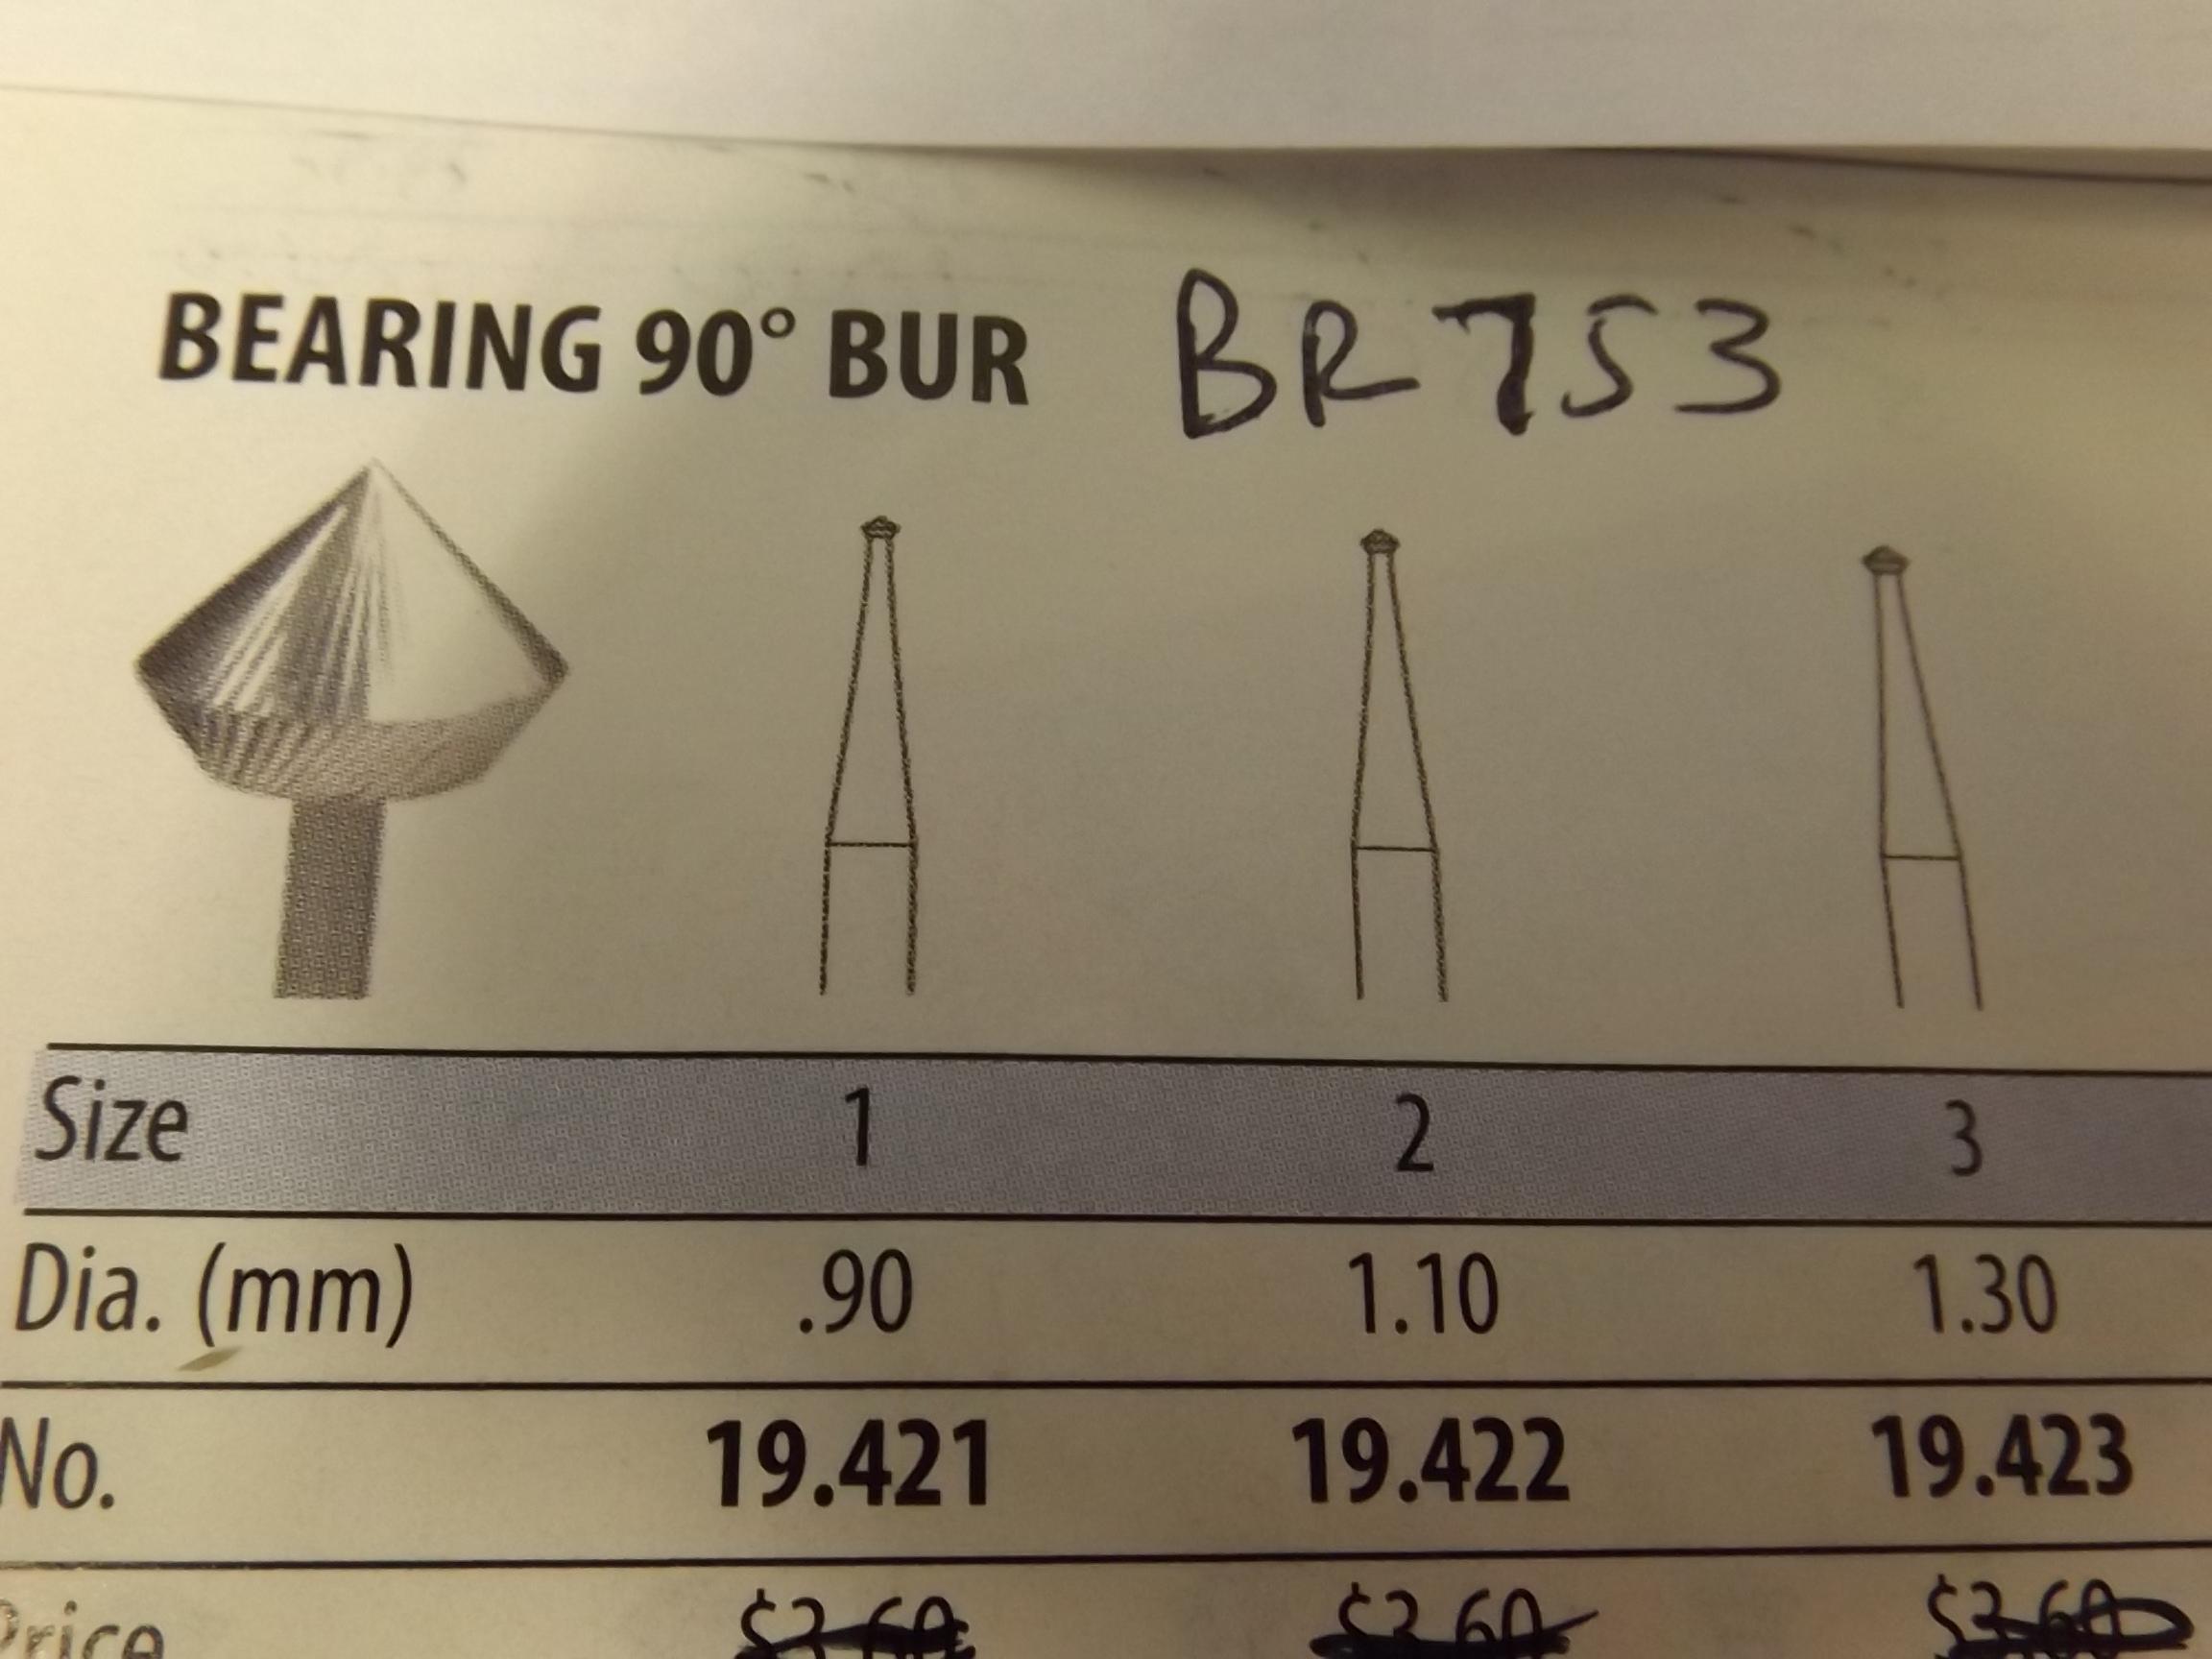 BR753/33 HI-Speed Burs- 90* Bearing Grobet # 19.453